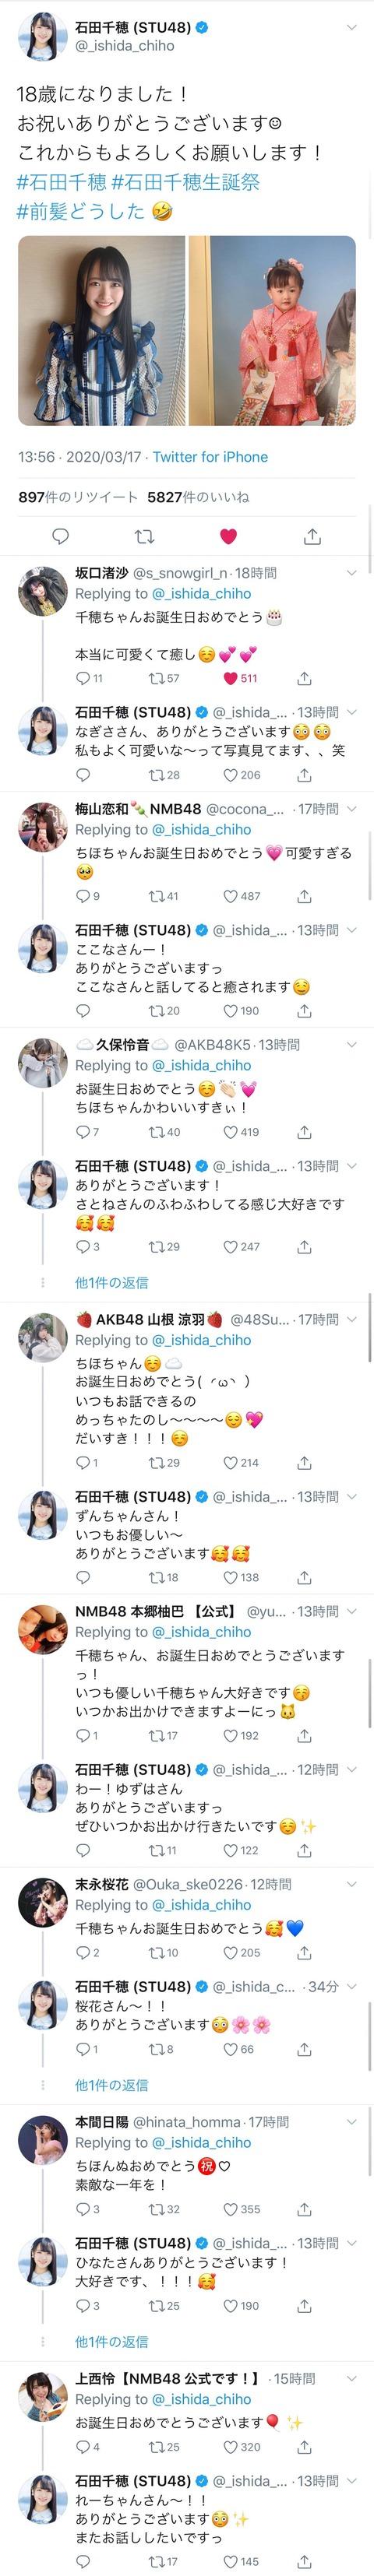 【朗報】STU48石田千穂ちゃんが他店の若手メンバーに大人気!!!